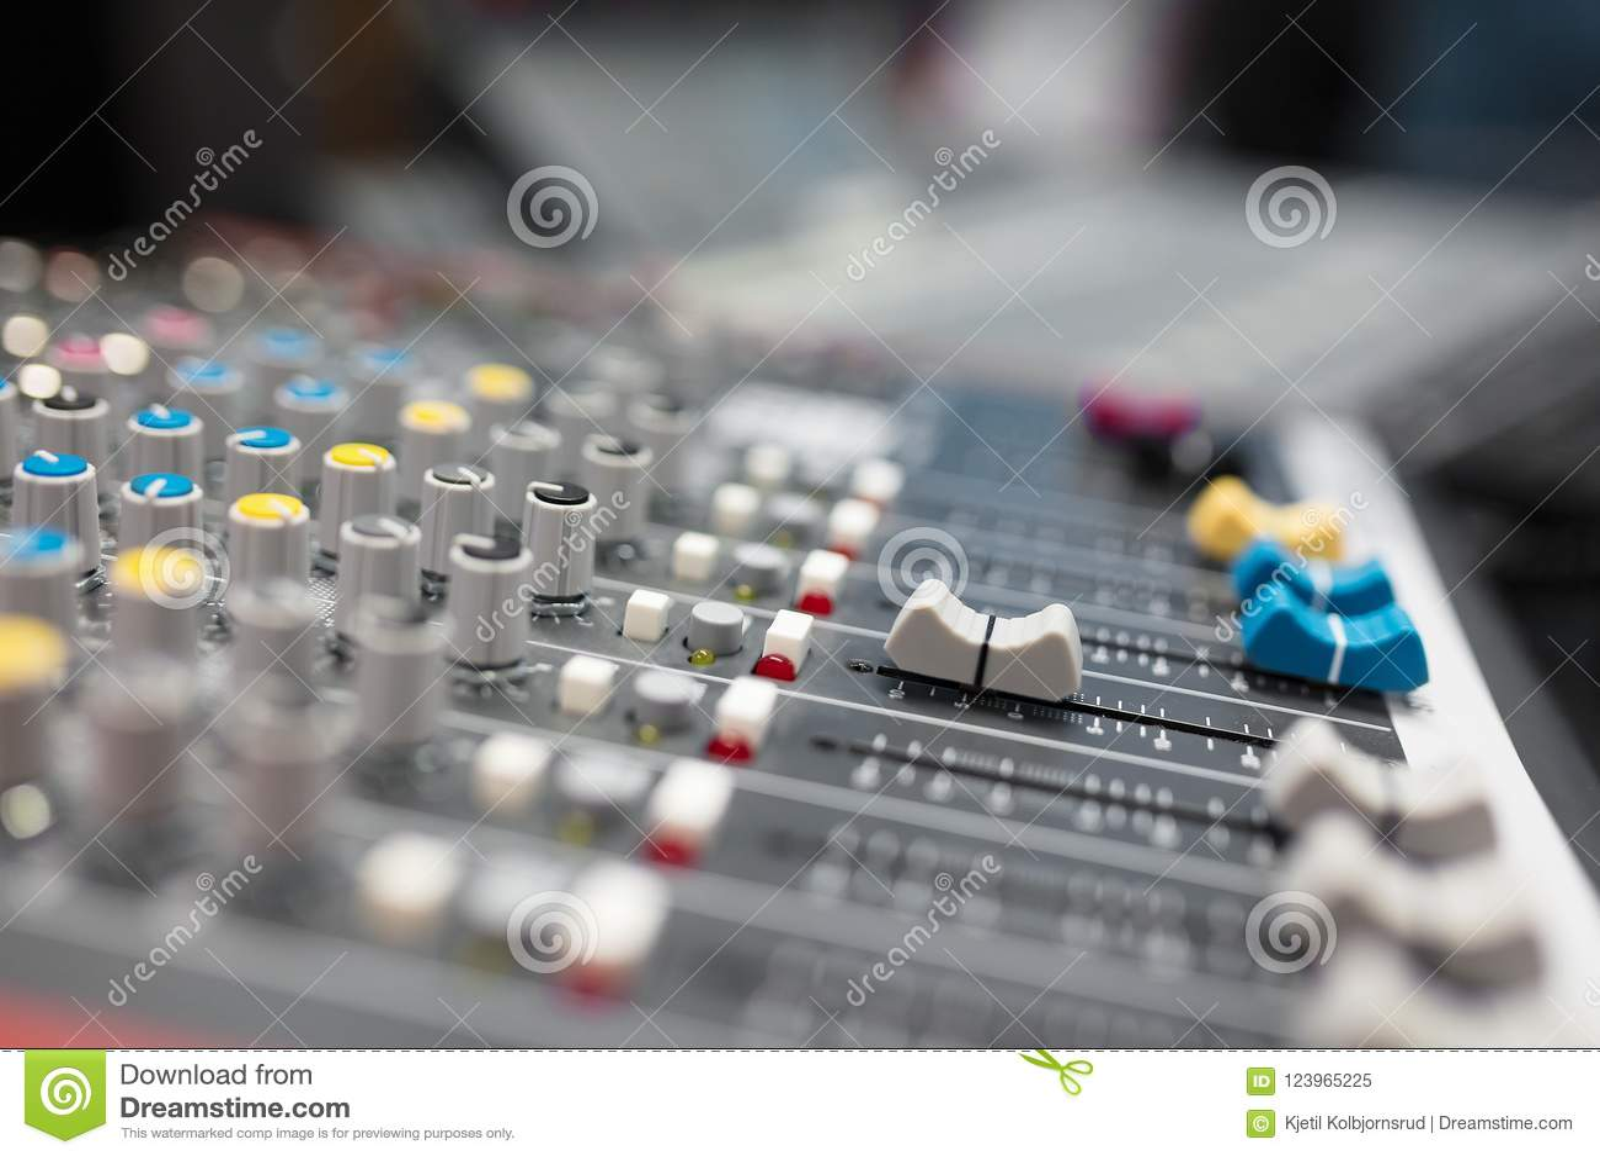 Tecnico del suono nello studio di registrazione di musica e di radiodiffusione